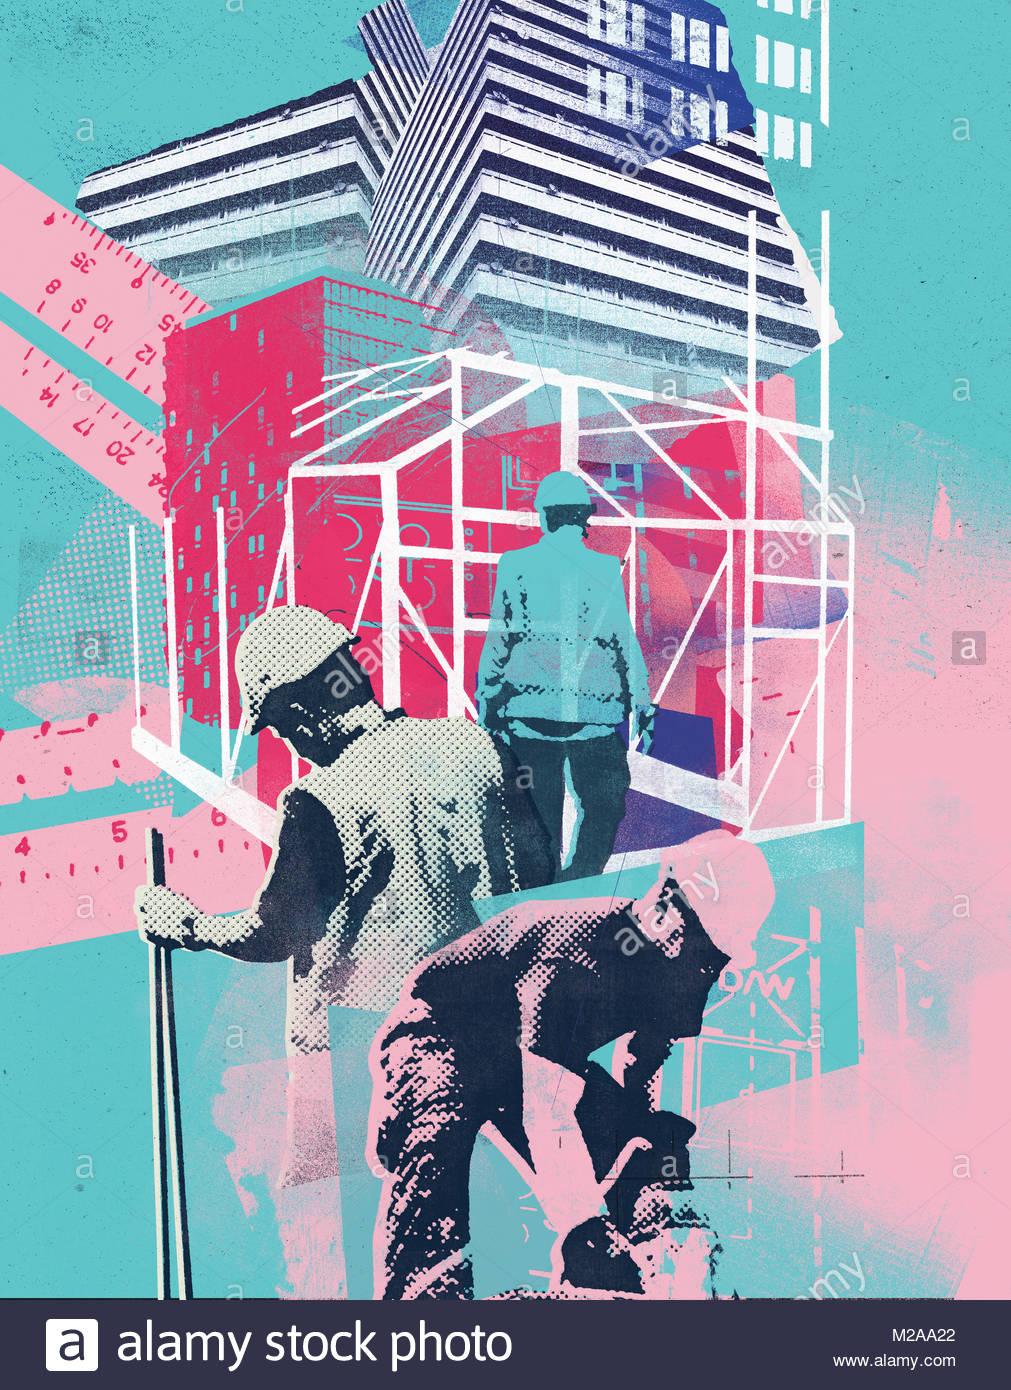 Collage di lavoratori edili lavorando sul sito di costruzione Immagini Stock